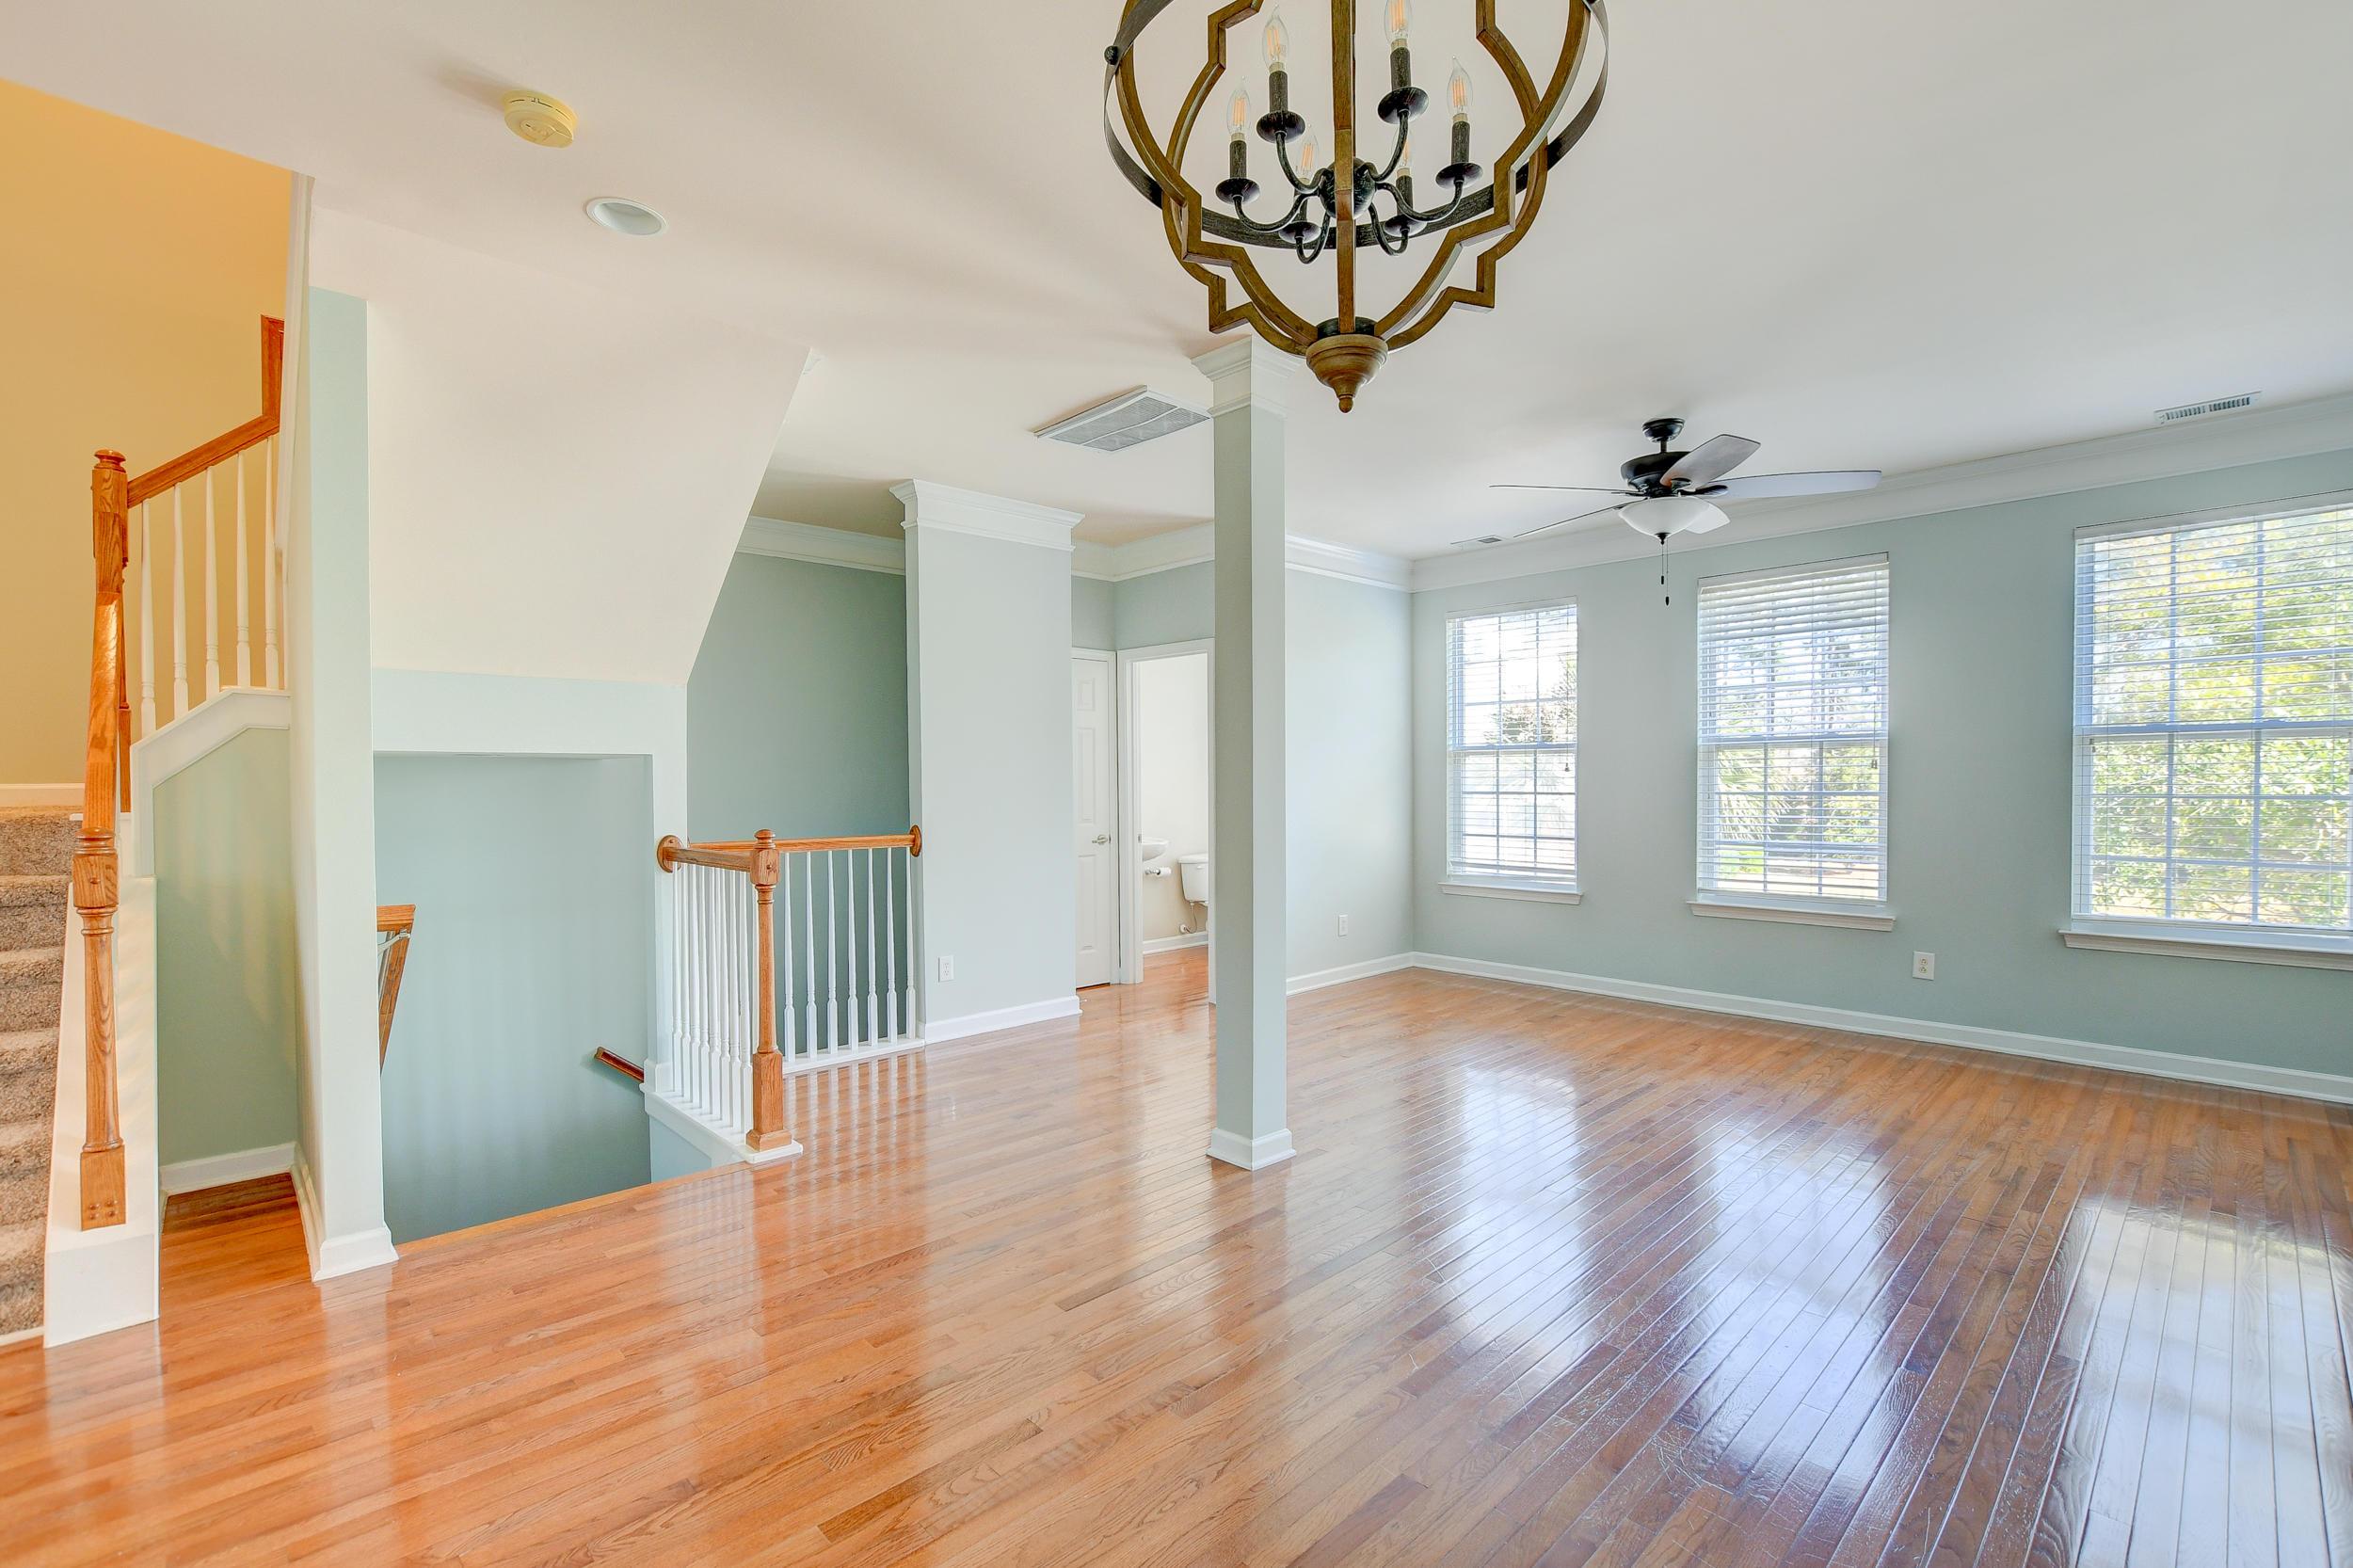 Park West Homes For Sale - 3545 Claremont, Mount Pleasant, SC - 27